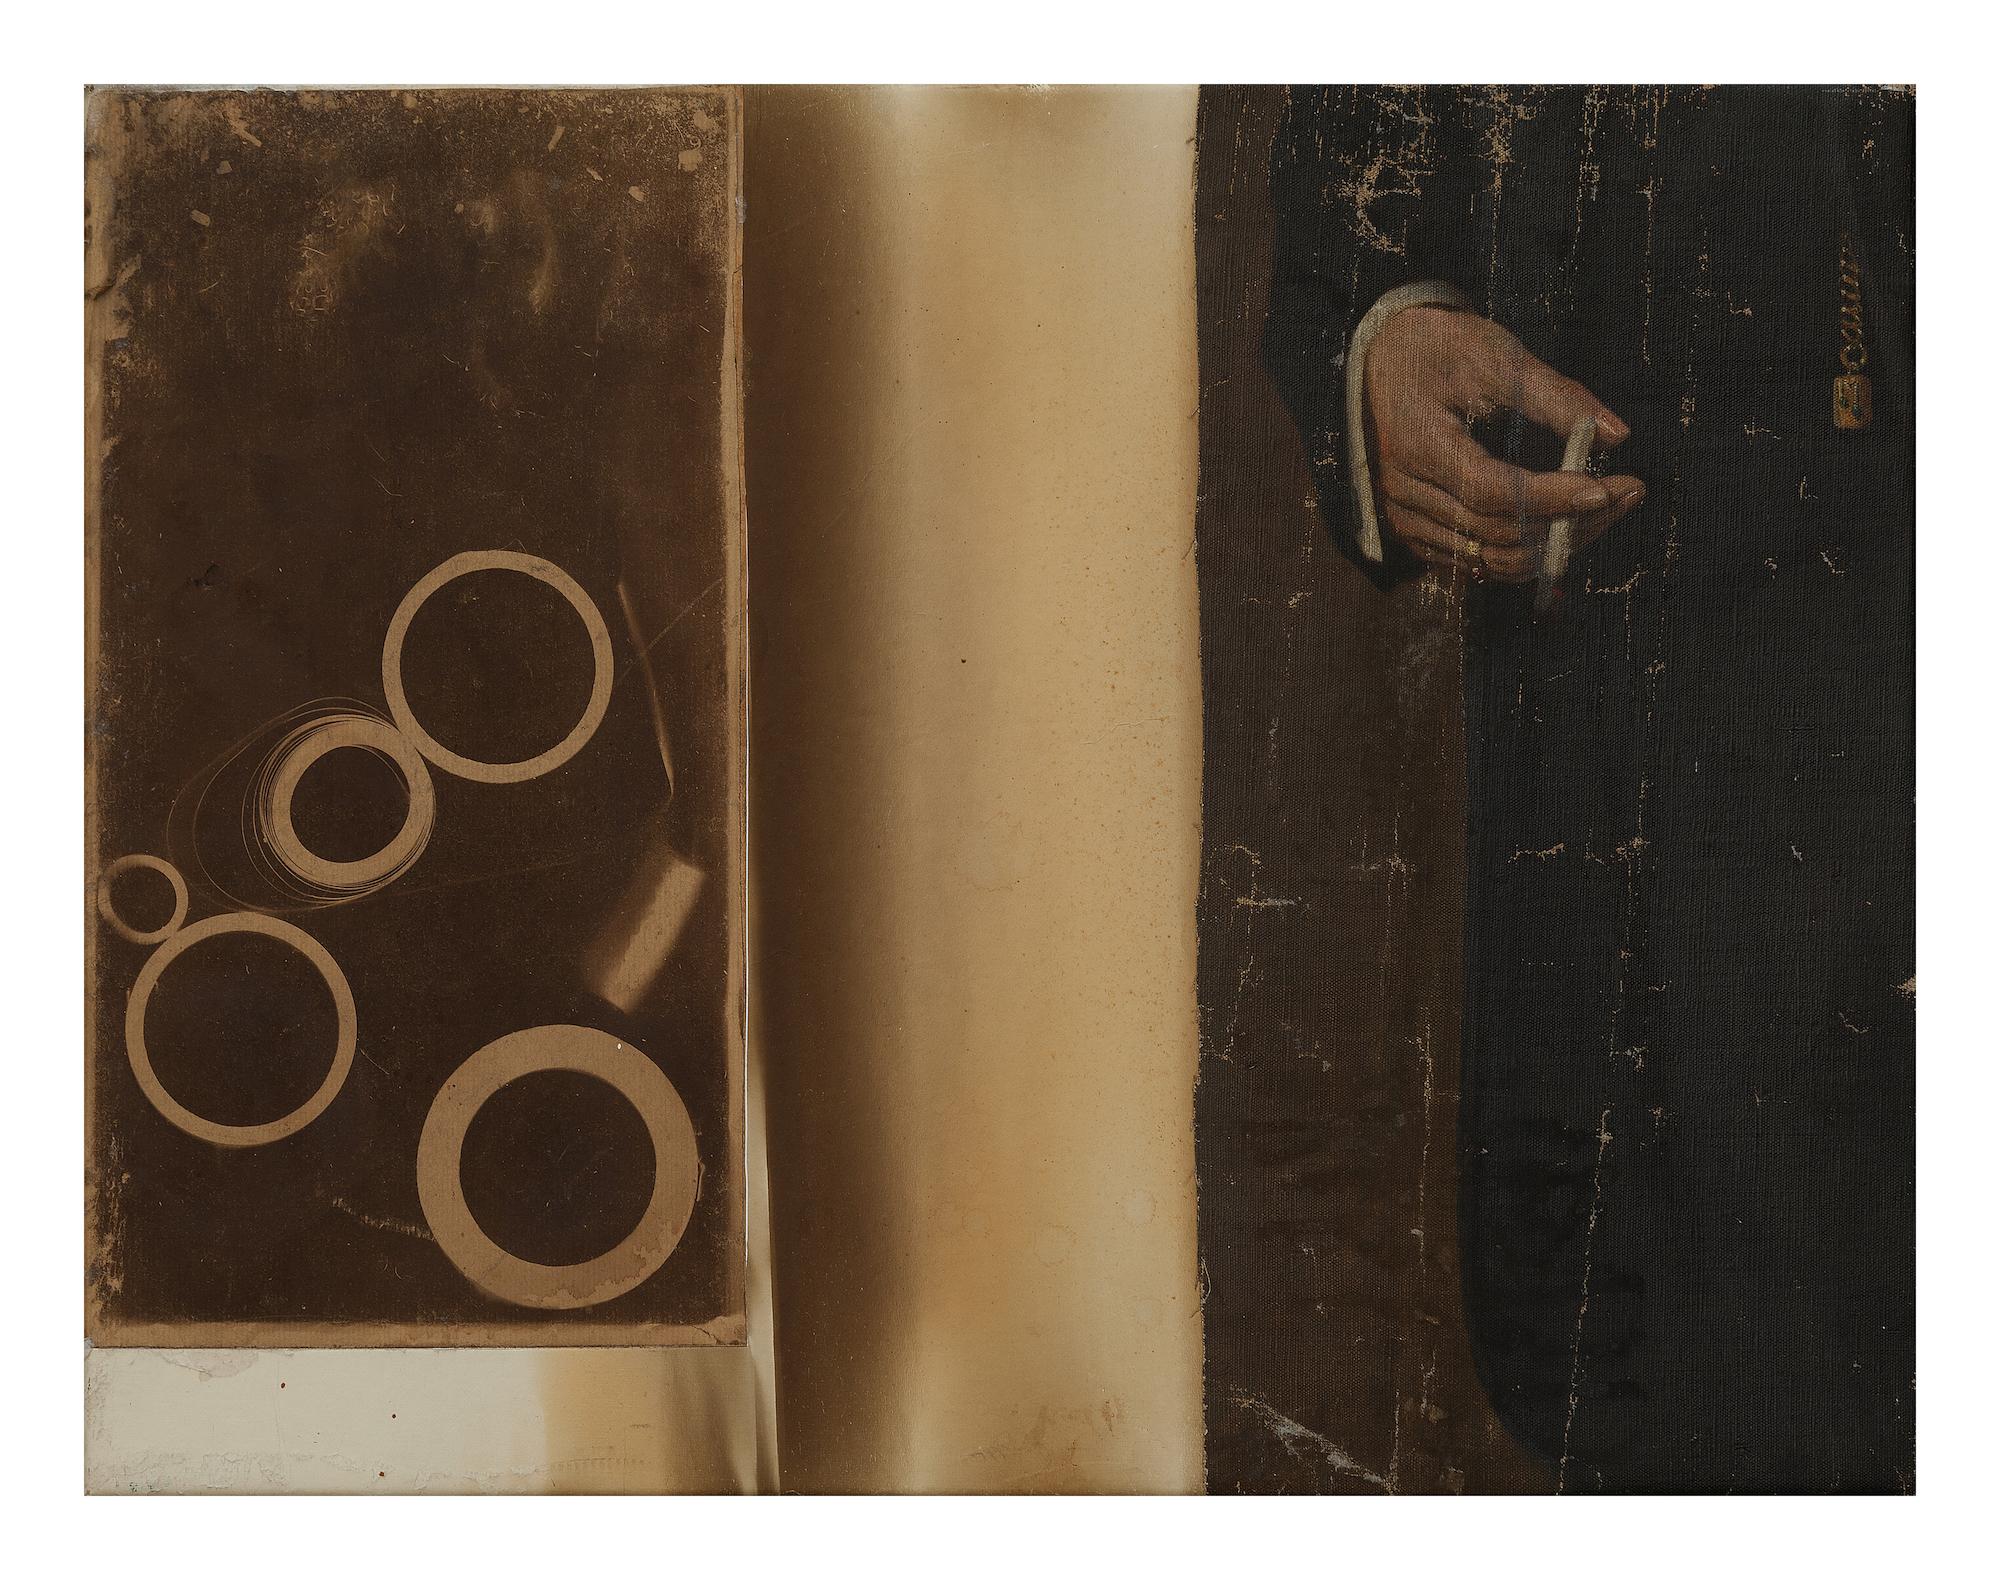 Ohne Titel, 2006 Öl, Ruß, Holz, Metall, Papier auf Leinwand 140 x 180 cm  Die Kai Middendorff Galerie zeigt vom 1. September bis zum 18. Oktober 2019 die erste Einzelausstellung in Deutschland zu Christine Gironcoli (geb. 1941). Bis heute steht ihr eigenständiges Werk im Schatten ihres Mannes, Bruno Gironcoli.  Christine Gironcoli realisiert ihre faszinierende Malerei nicht auf konventionellen Leinwänden, sondern auf z. T. mehr als hundert Jahre alten  Stützleinwänden . Solche Leinwände wurden verso auf Gemälde geklebt, um z.B. ein Einreißen zu verhindern.  Auf Spuren und Verfärbungen, die sich im Laufe der Zeit 'von selbst' auf ihnen abgezeich- net haben, reagiert die Künstlerin mit größter Sensibilität. Mal unmerklich fein, mal mit entschiedenen, pastosen Setzungen oder auch mit dem Applizieren gefundener Objekte. Die Künstlerin widmet sich dem verborgenen Kosmos, den die Rückseiten von Gemälden darstellen, und bringt zum ersten Mal diese nicht sichtbaren, zweiten Leinwände ans Licht und entwickelt auf ihnen ihre wunderbare Malerei.  Christine Gironcoli studierte in den späten 1950er Jahren in Wien Malerei u.a. mit Günter Brus, C.L. Attersee und Bruno Gironcoli, den sie später heiratete. Die Künstlerin lebt und arbeitet in Wien. Sie ist zur Eröffnung anwesend.